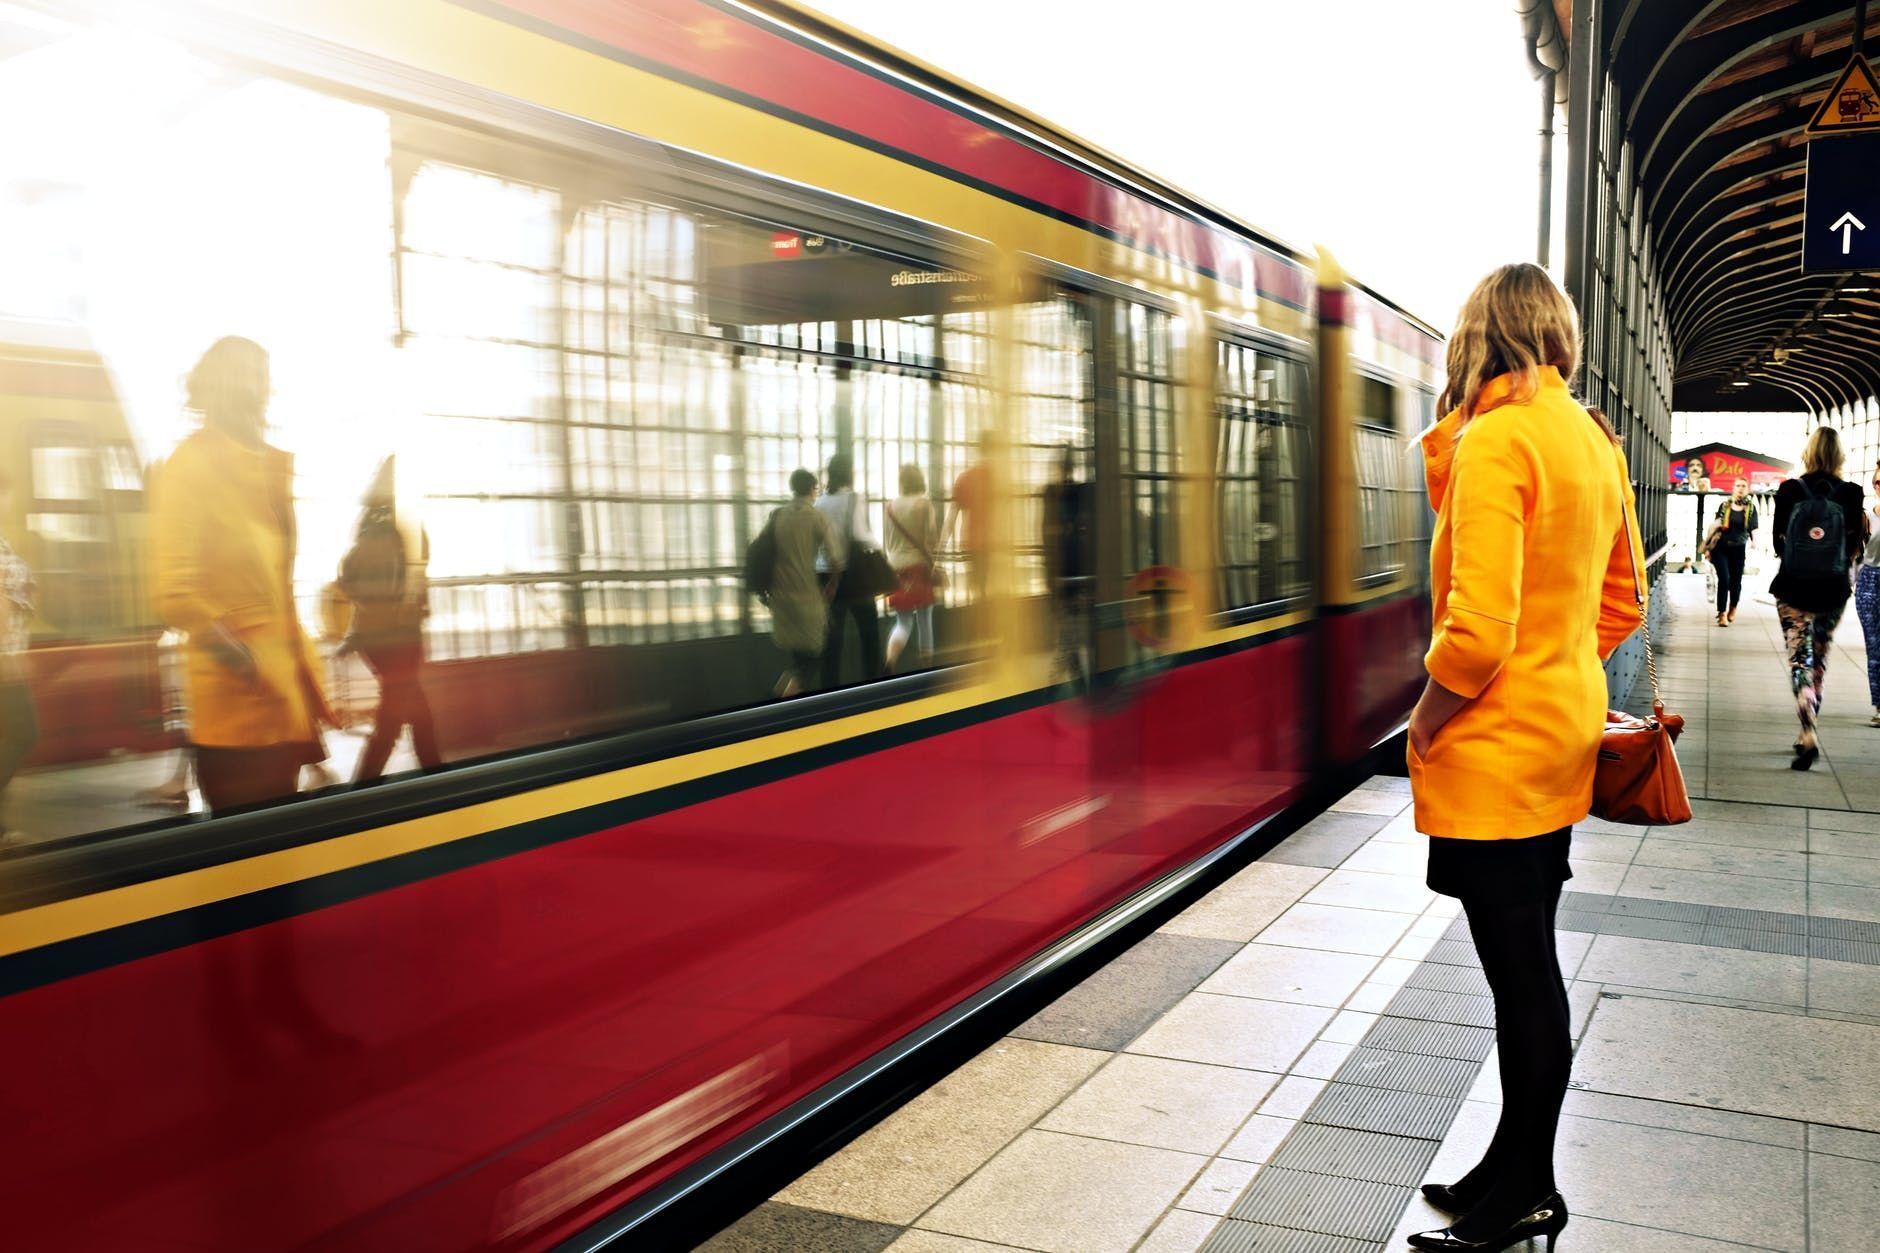 Hindari Modus Kejahatan di Transportasi Umum Saat Mudik